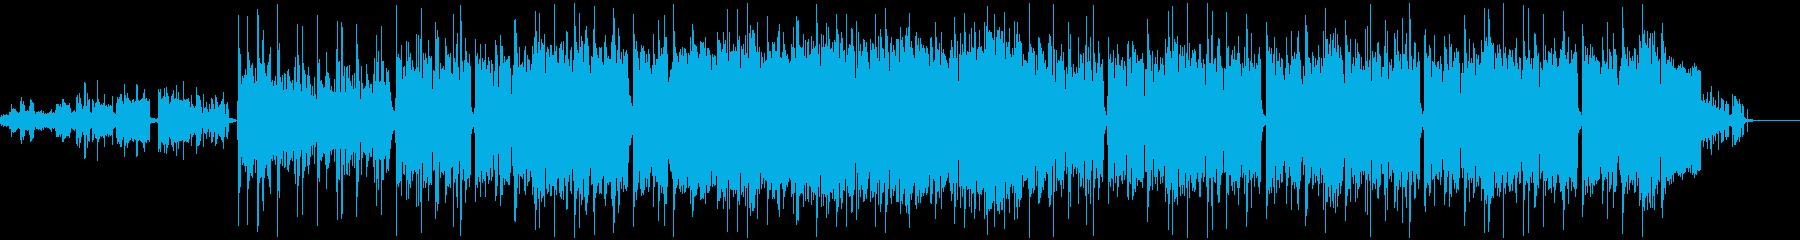 ワルいロックなBGMの再生済みの波形